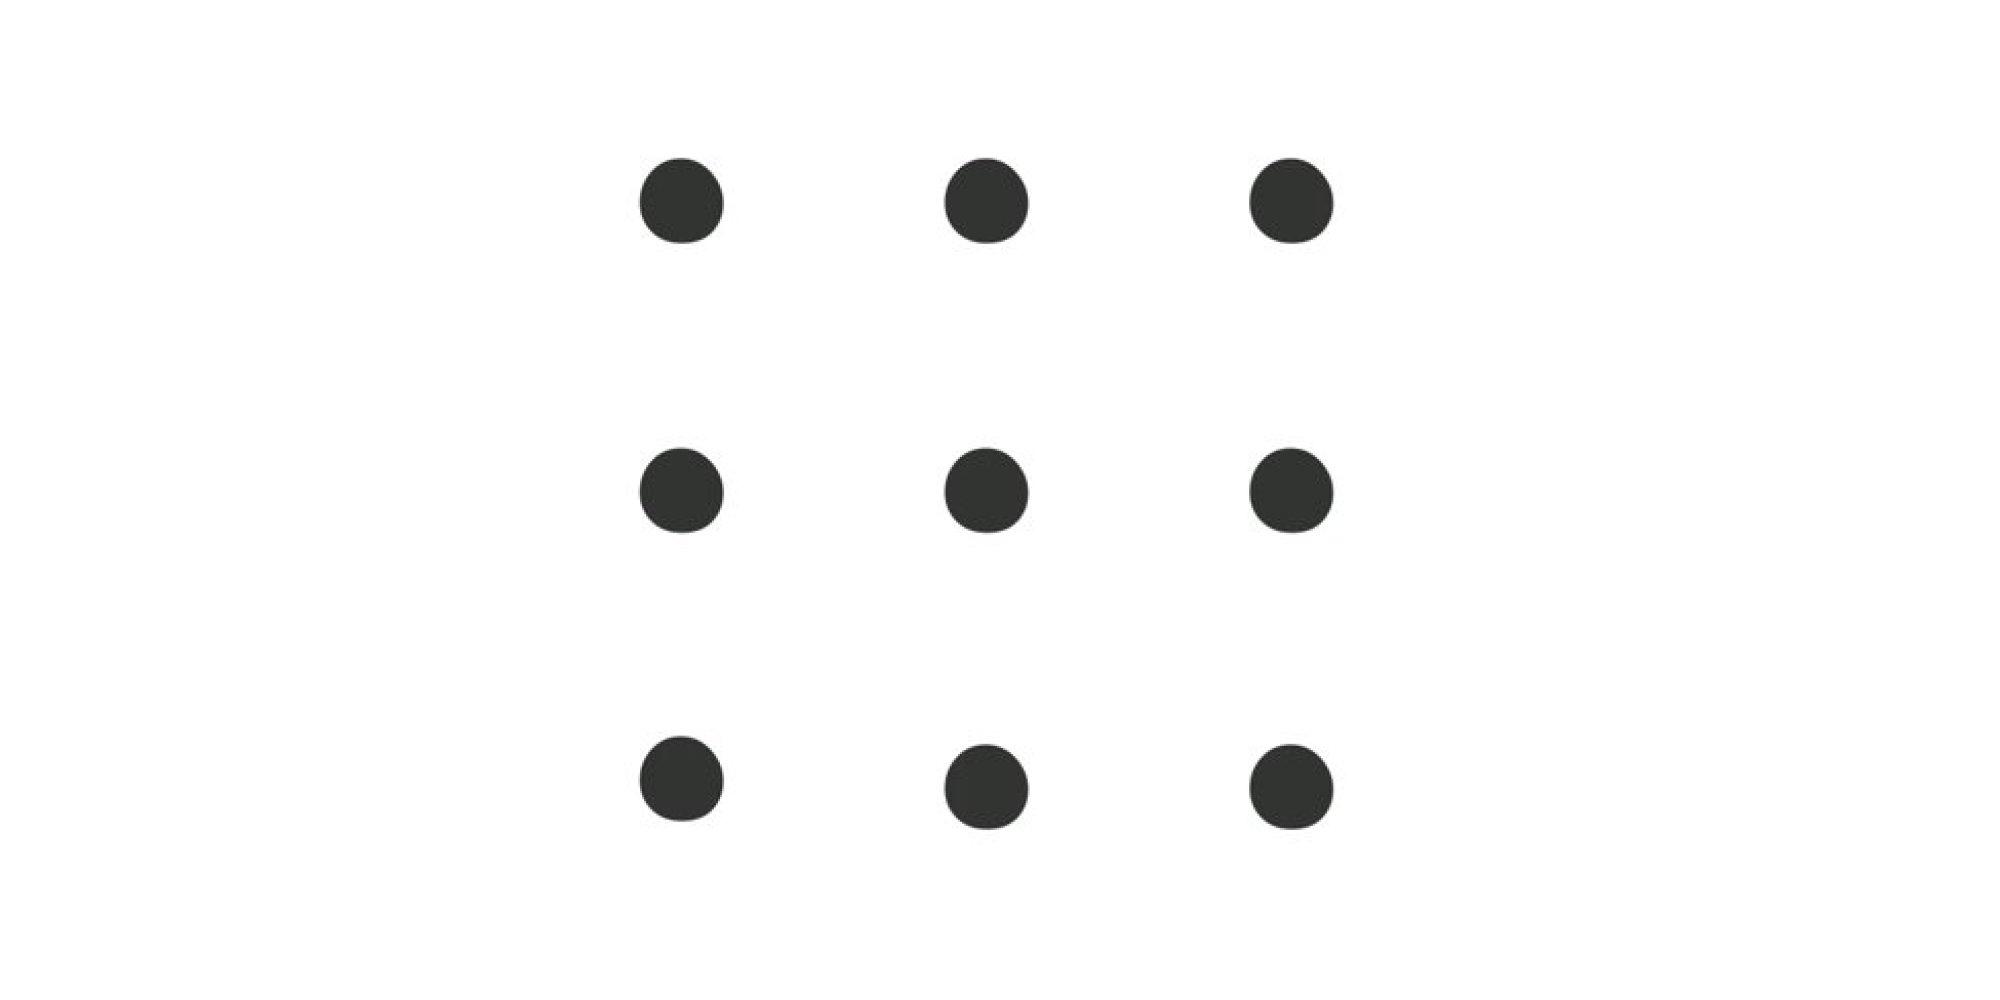 kannst du diese 9 punkte mit vier strichen verbinden ohne abzusetzen. Black Bedroom Furniture Sets. Home Design Ideas